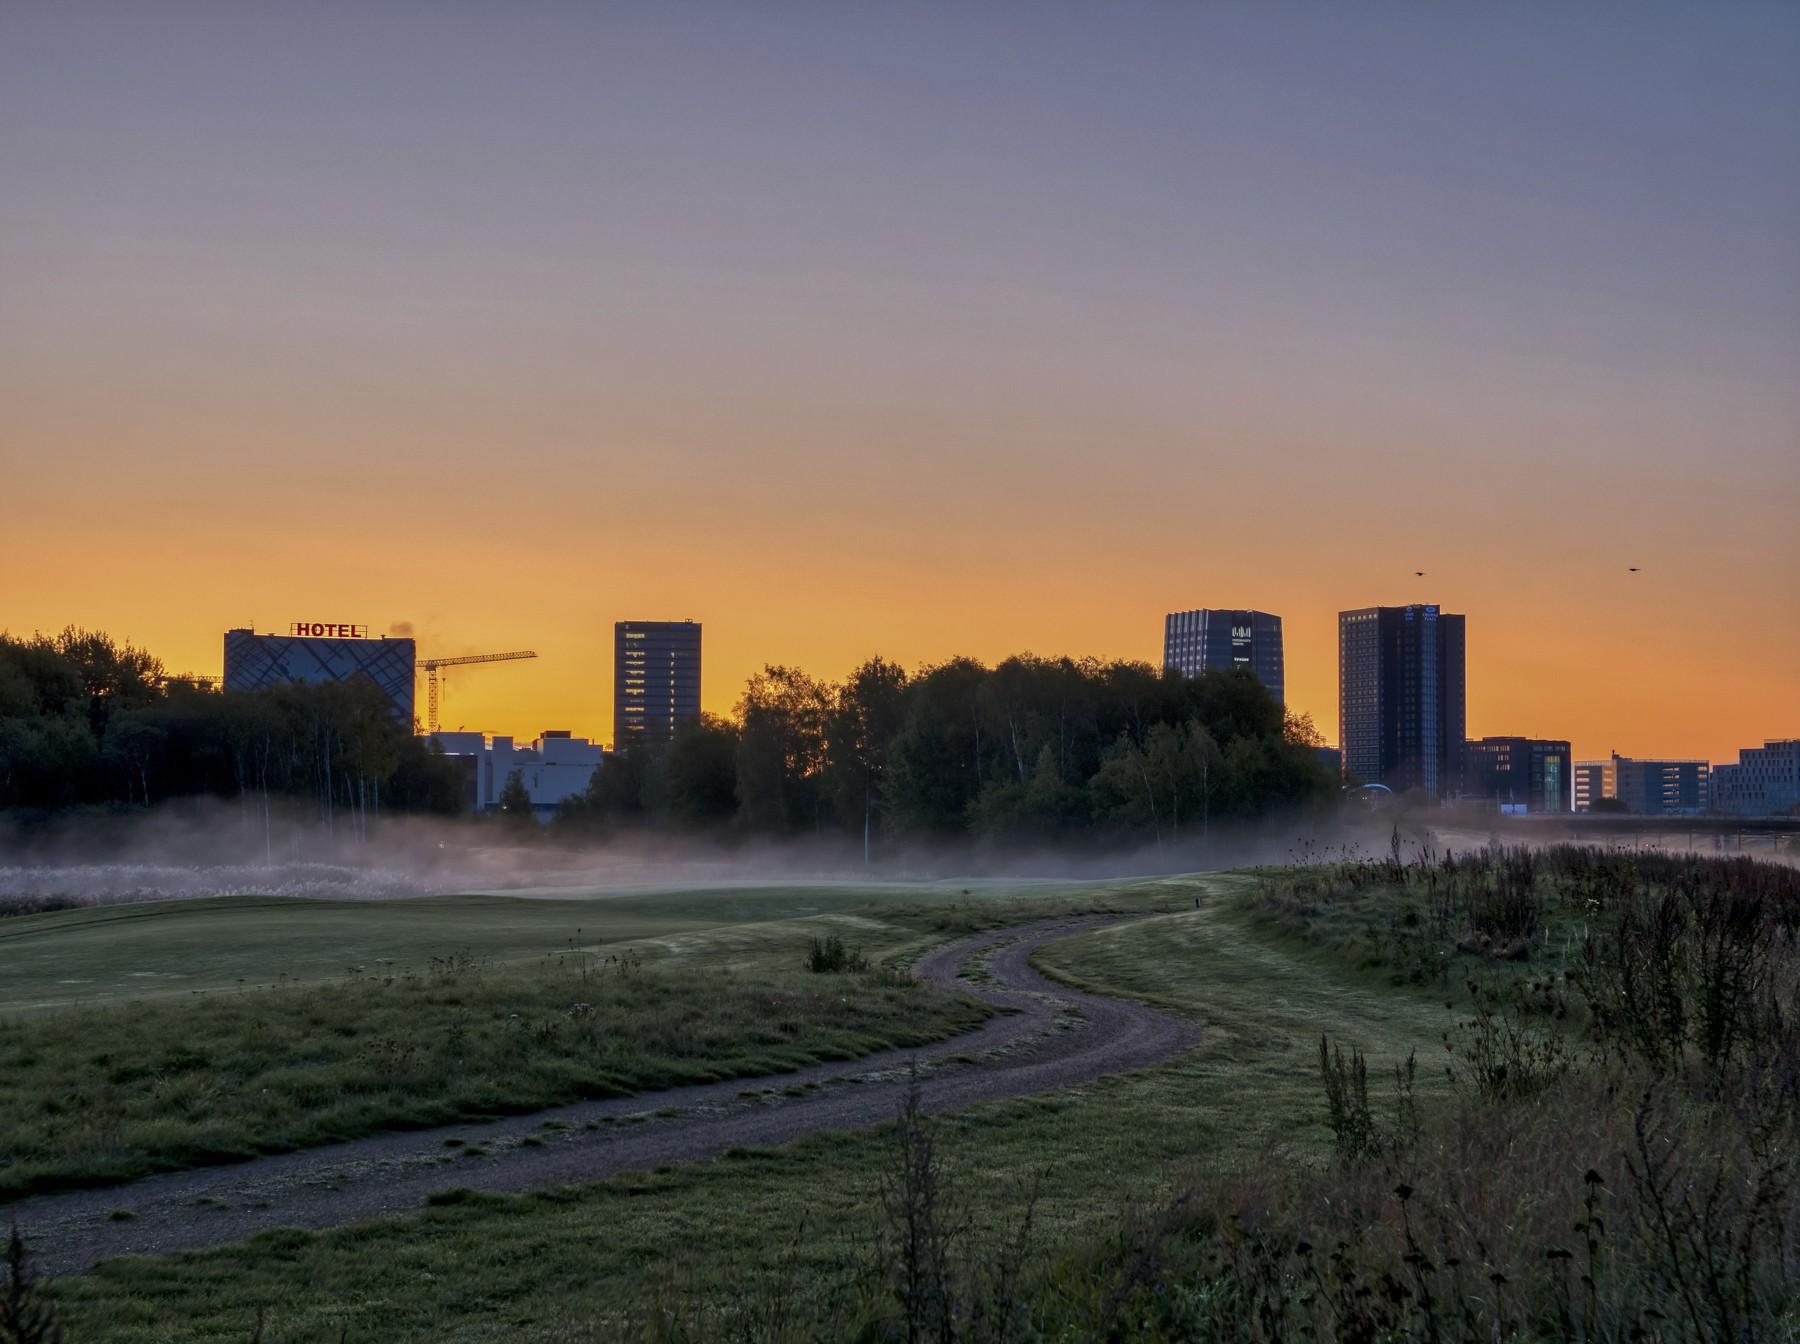 Mosekonen brygger med Ørestad i baggrunden